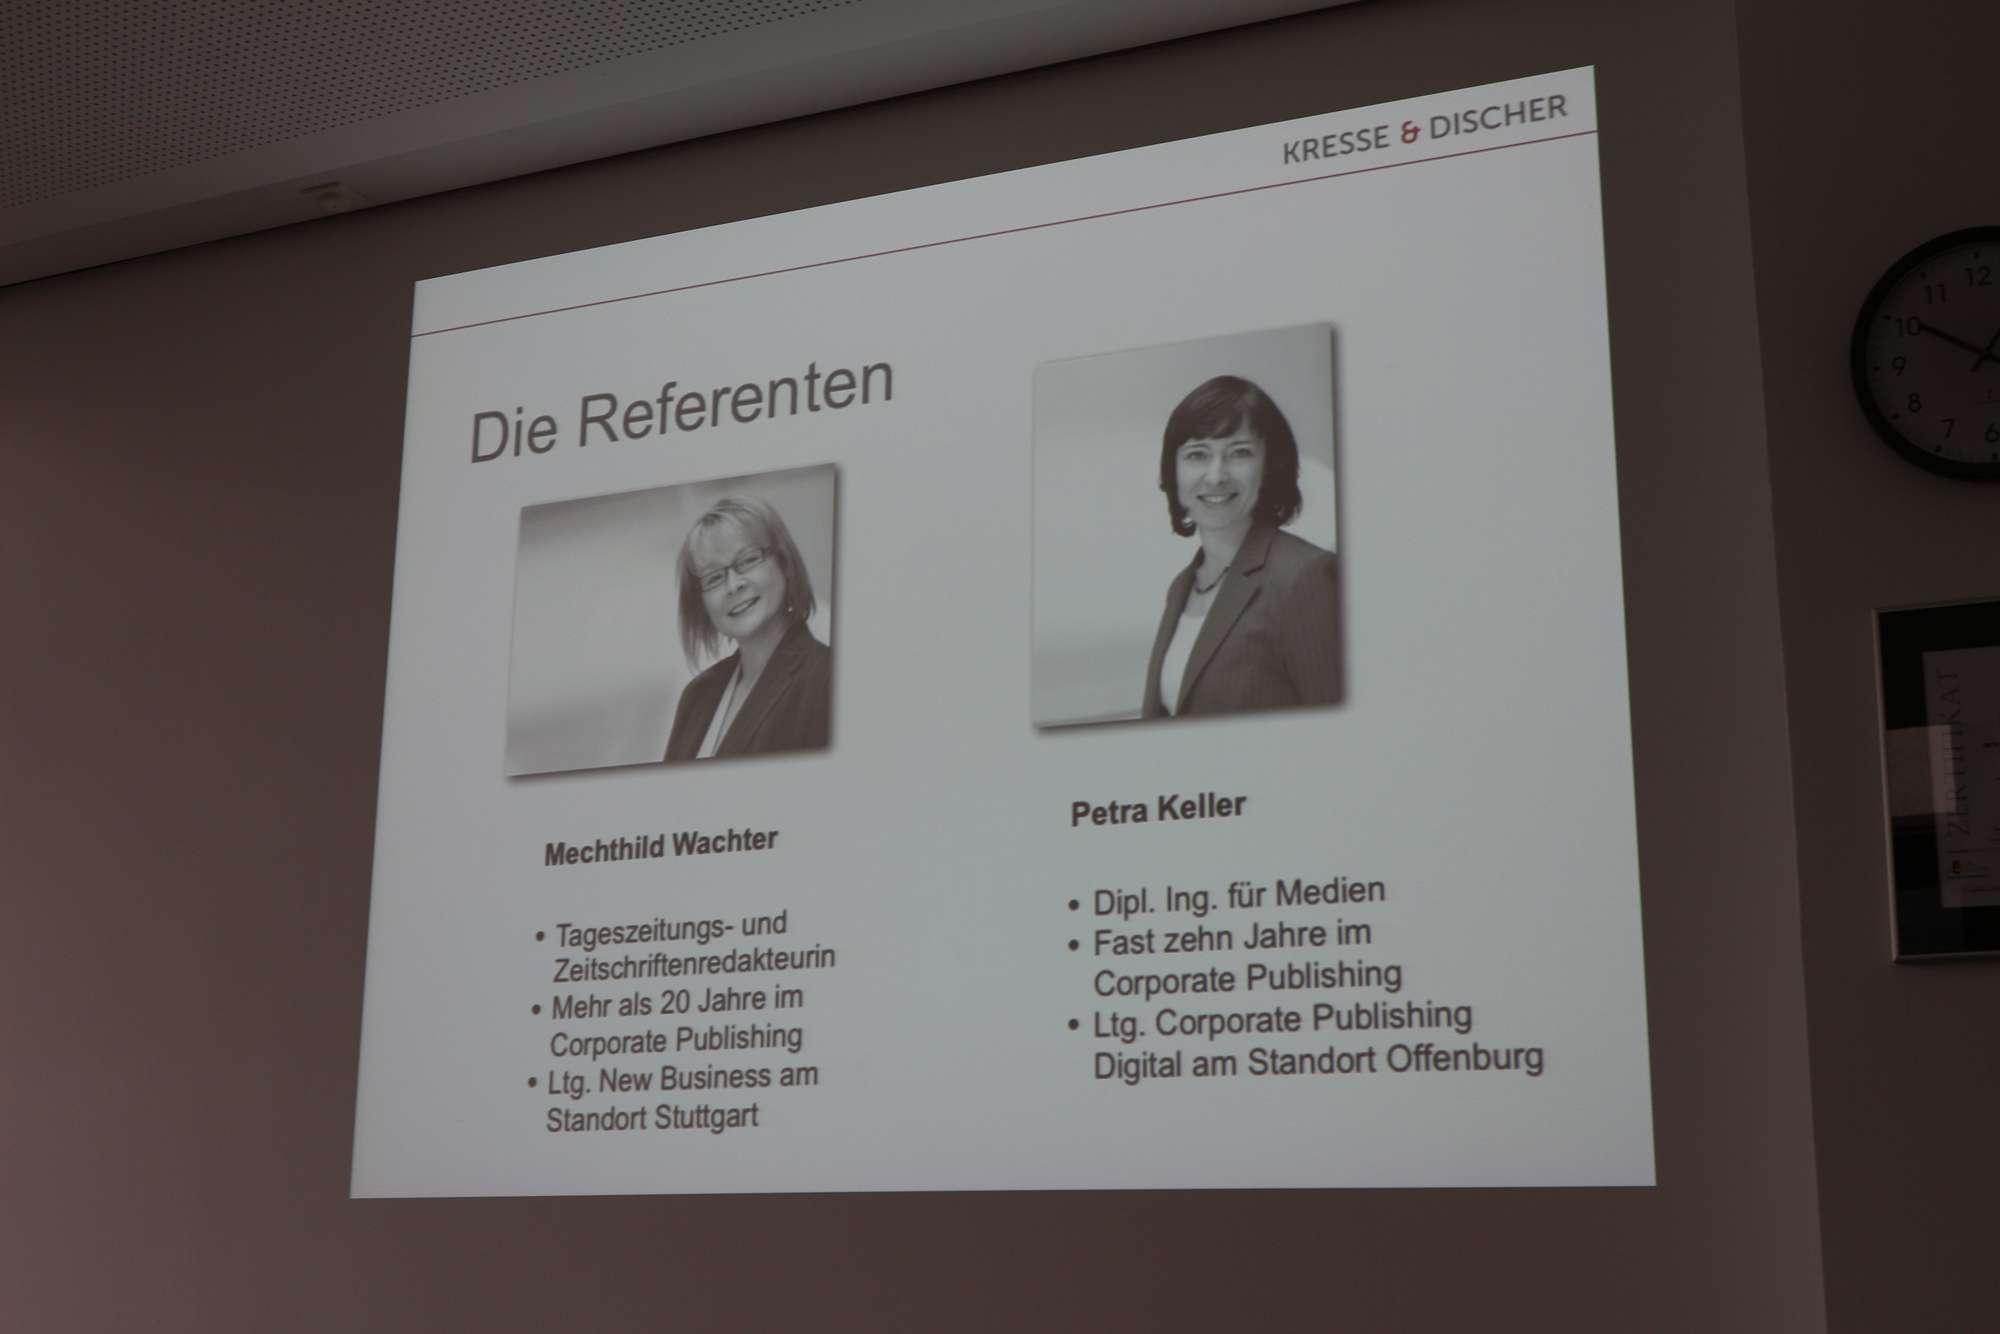 Die Referenten: Mechthild Wachter und Petra Keller